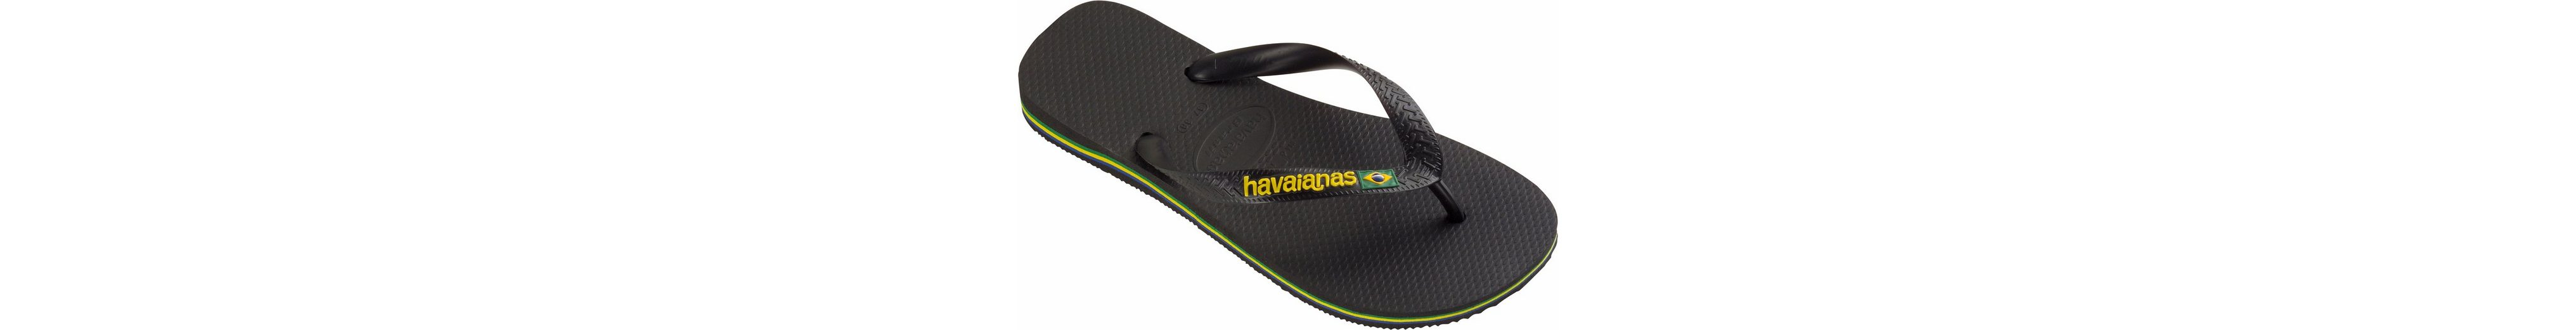 Billig Vermarktbare Havaianas Brasil Logo Zehentrenner Verkauf Besuch Neue Ankunft Online Speicher Mit Großem Rabatt Großhandelspreis Zu Verkaufen crhI1iHMQI